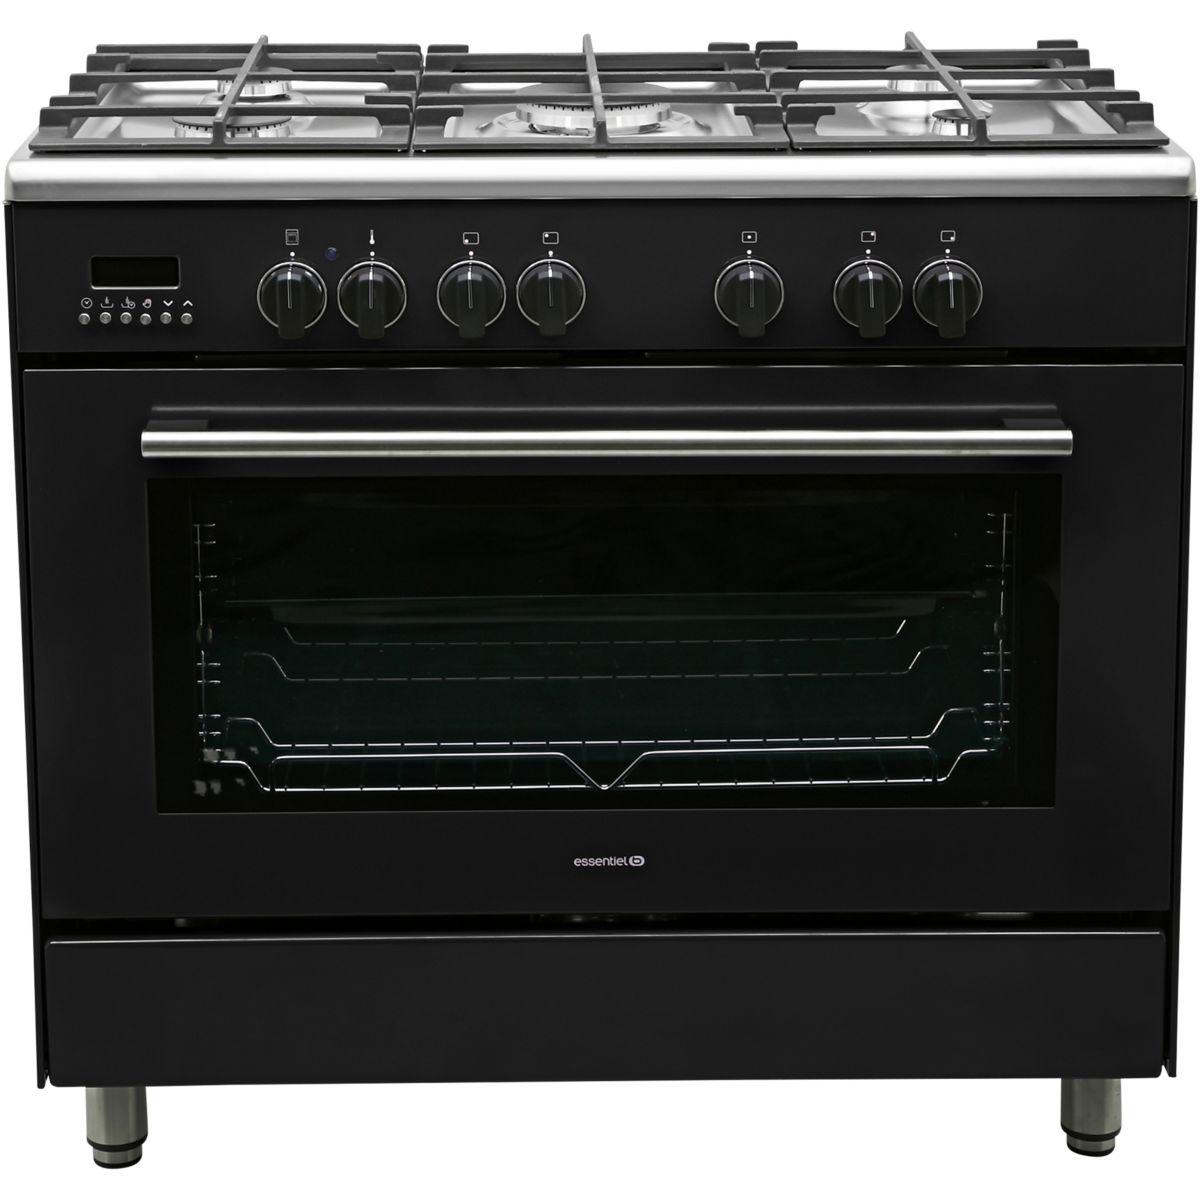 Piano de cuisson mixte ESSENTIELB EMCG 914n